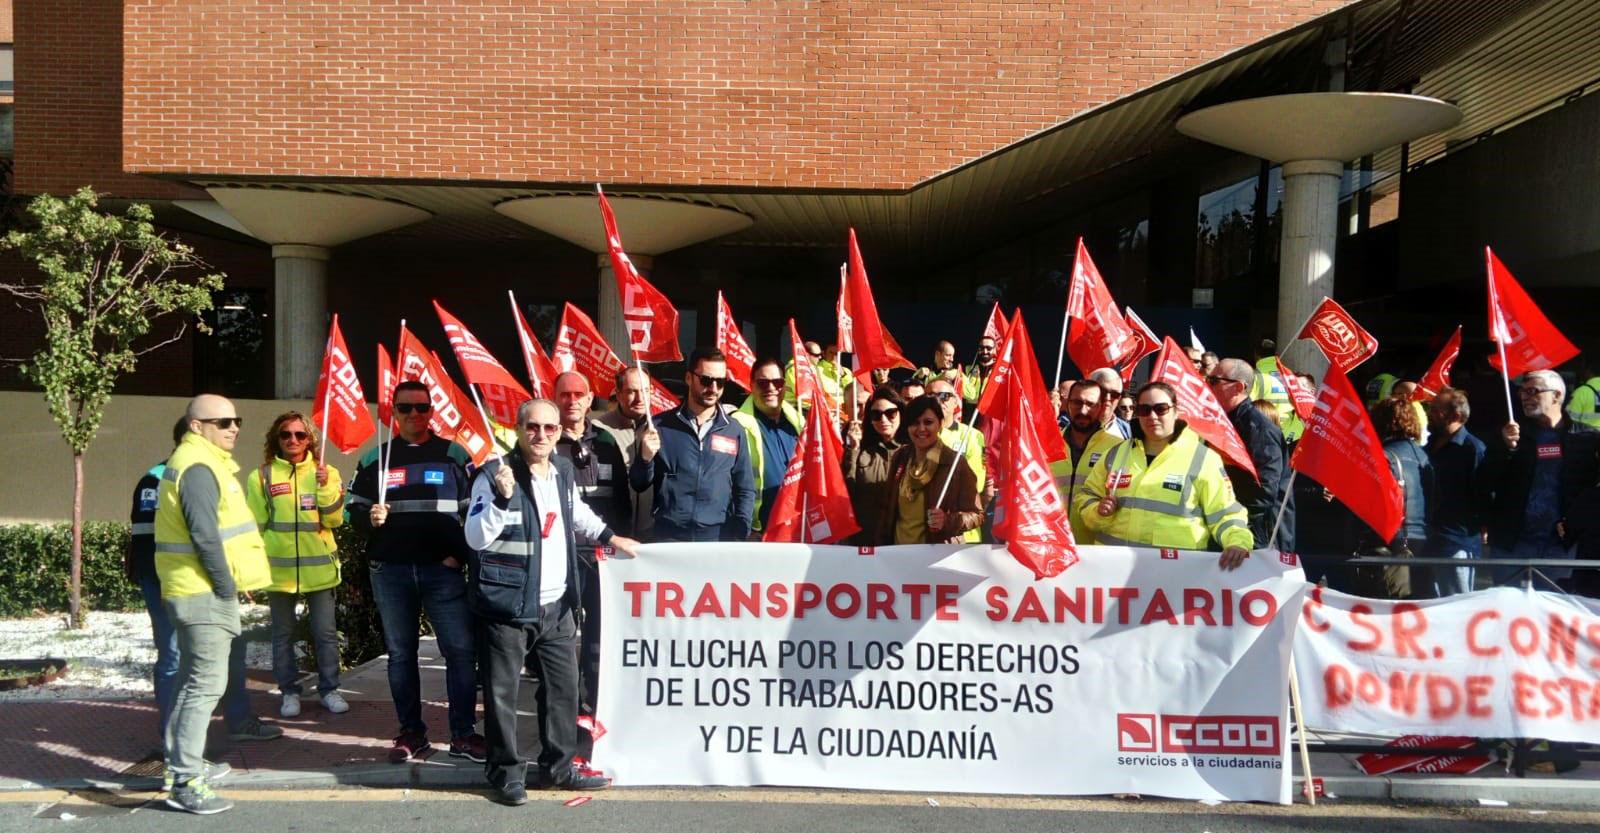 CCOO-FSC CLM, ante el anuncio de rescisión de los contratos del transporte sanitario a SSG en la región